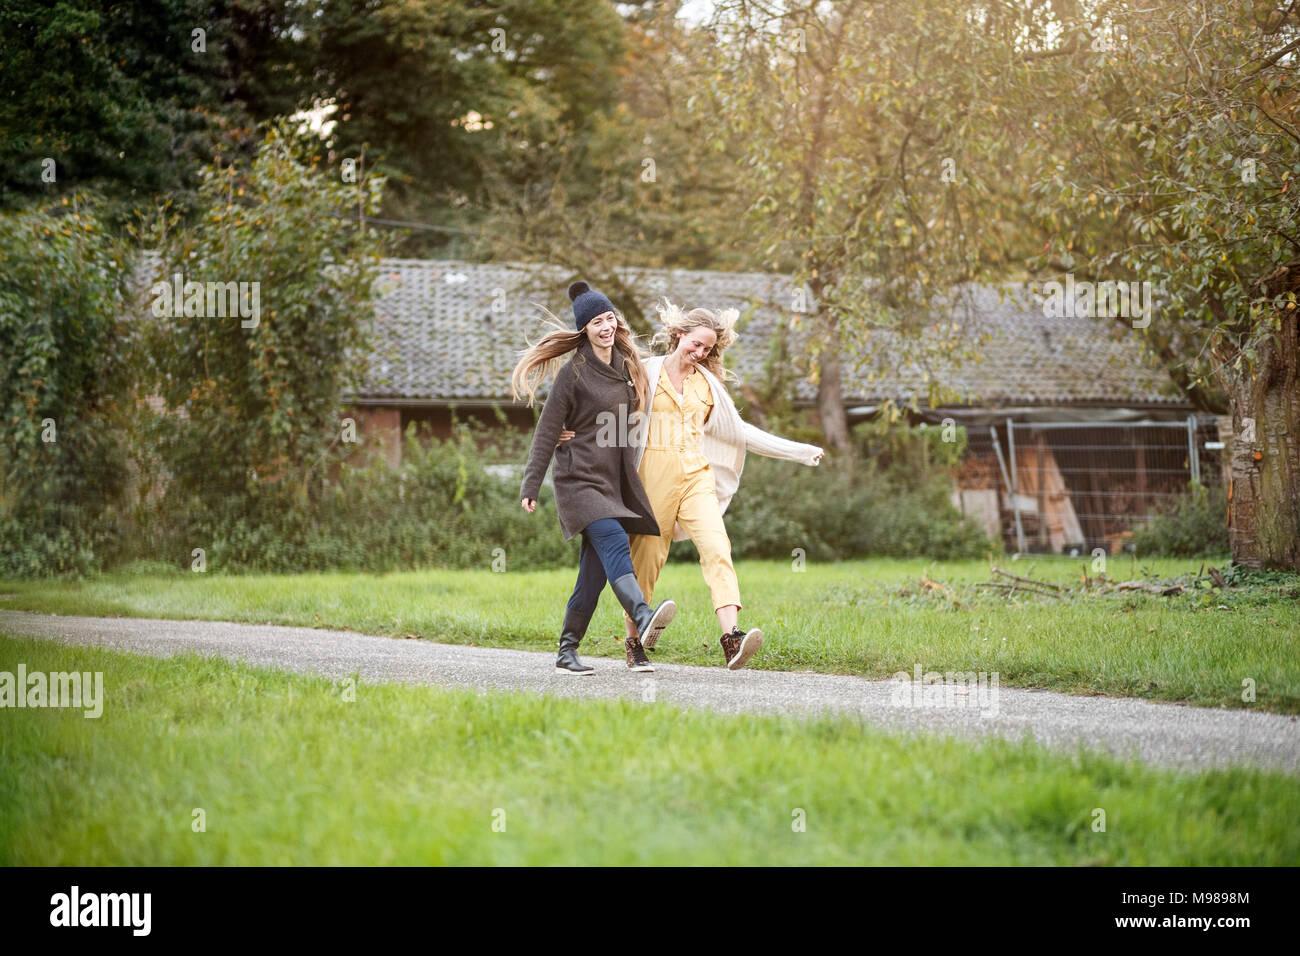 Two happy women walking in rural landscape - Stock Image